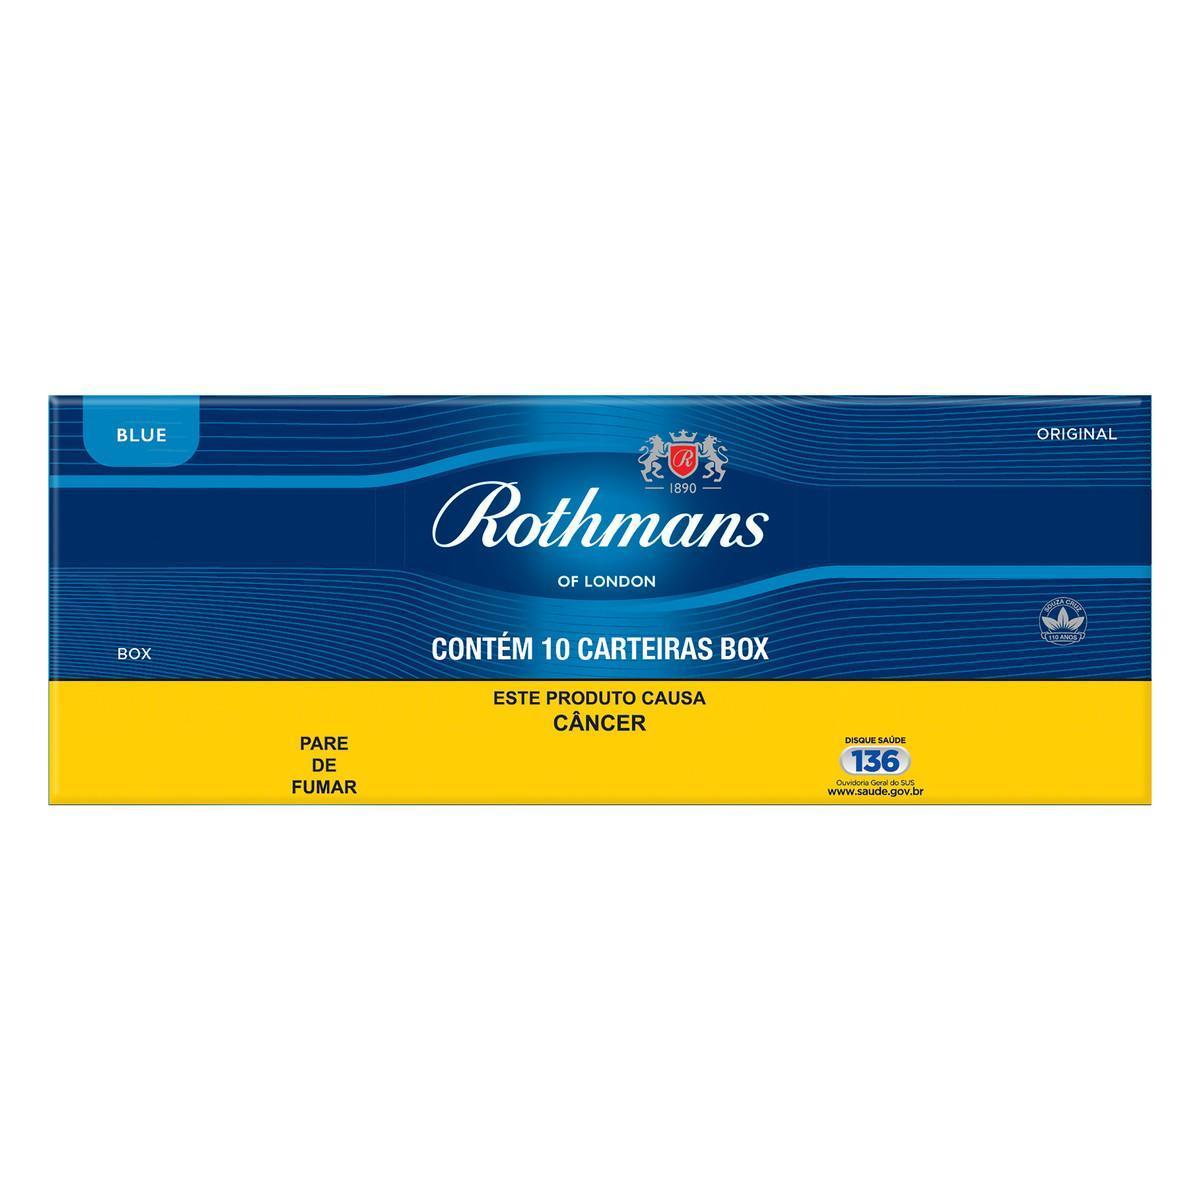 Cigarro Blue unidade Rothmans/Minister Box UN